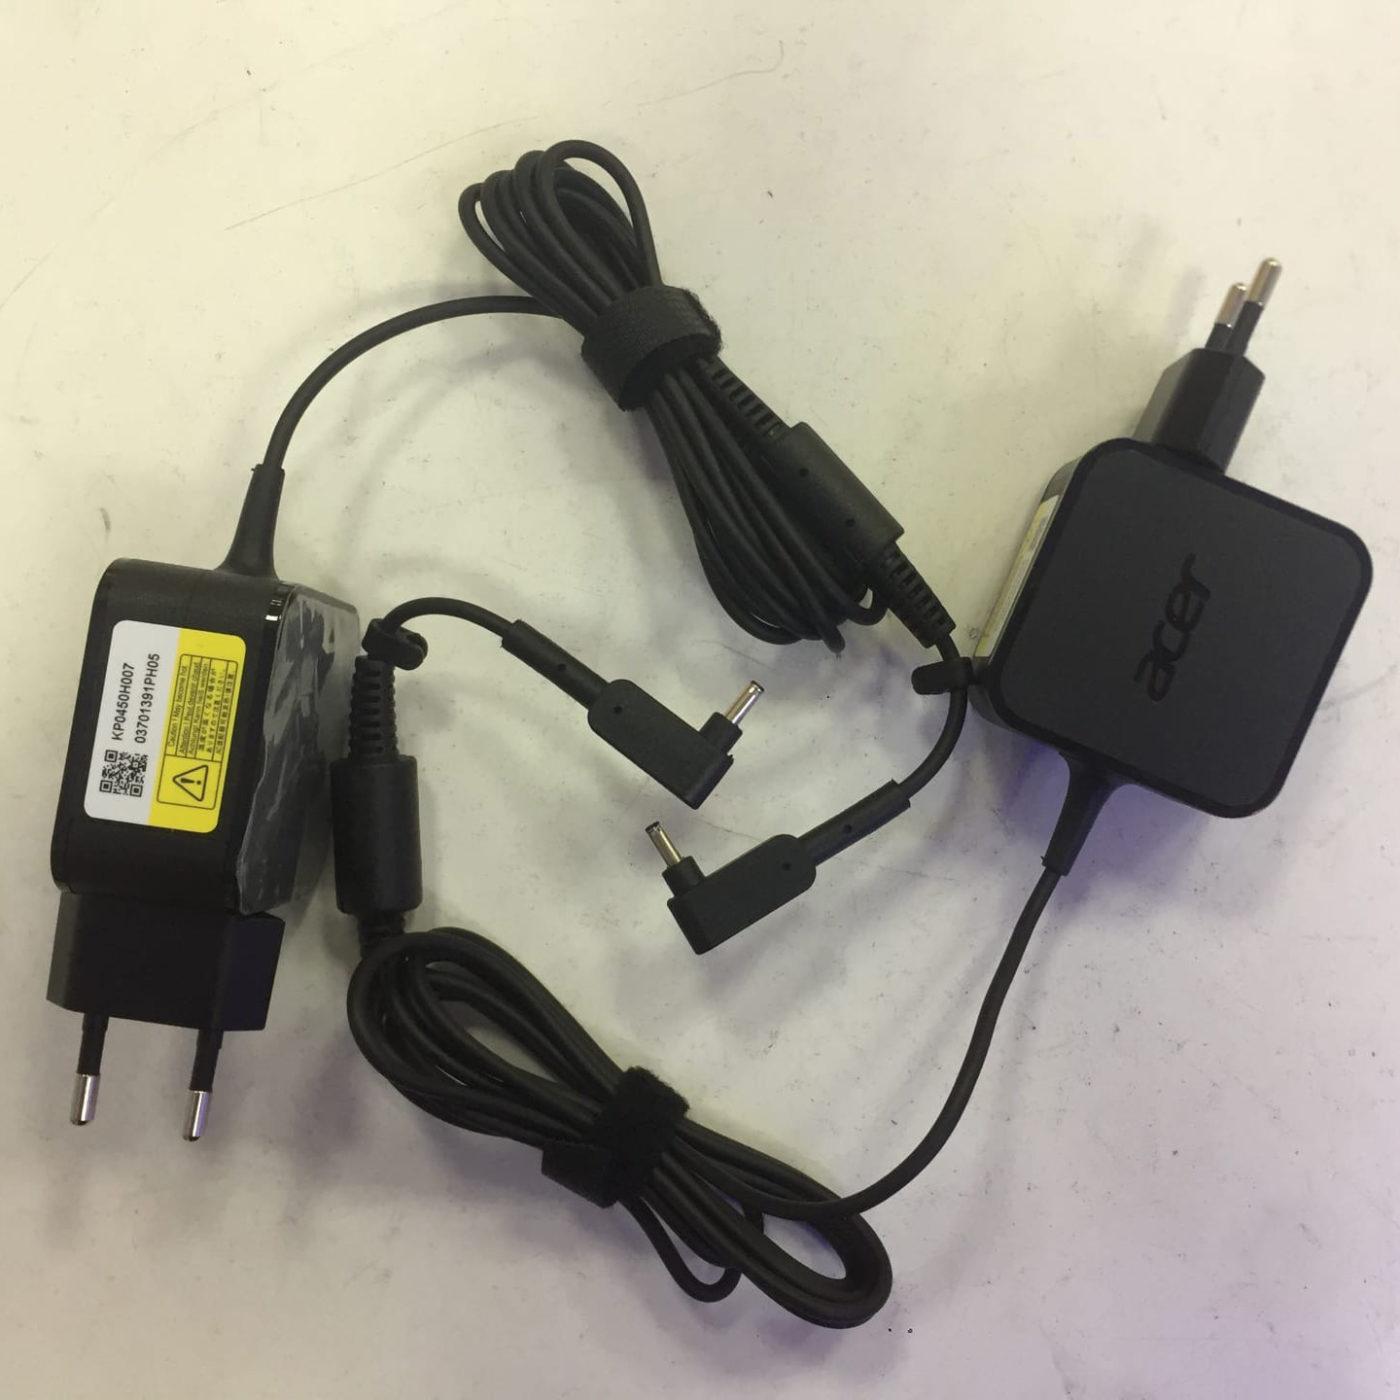 Зарядное устройство для ноутбуков Acer 19.0V, 2.37A, 45W, 3.0 x 1.1 мм W15-045N4B